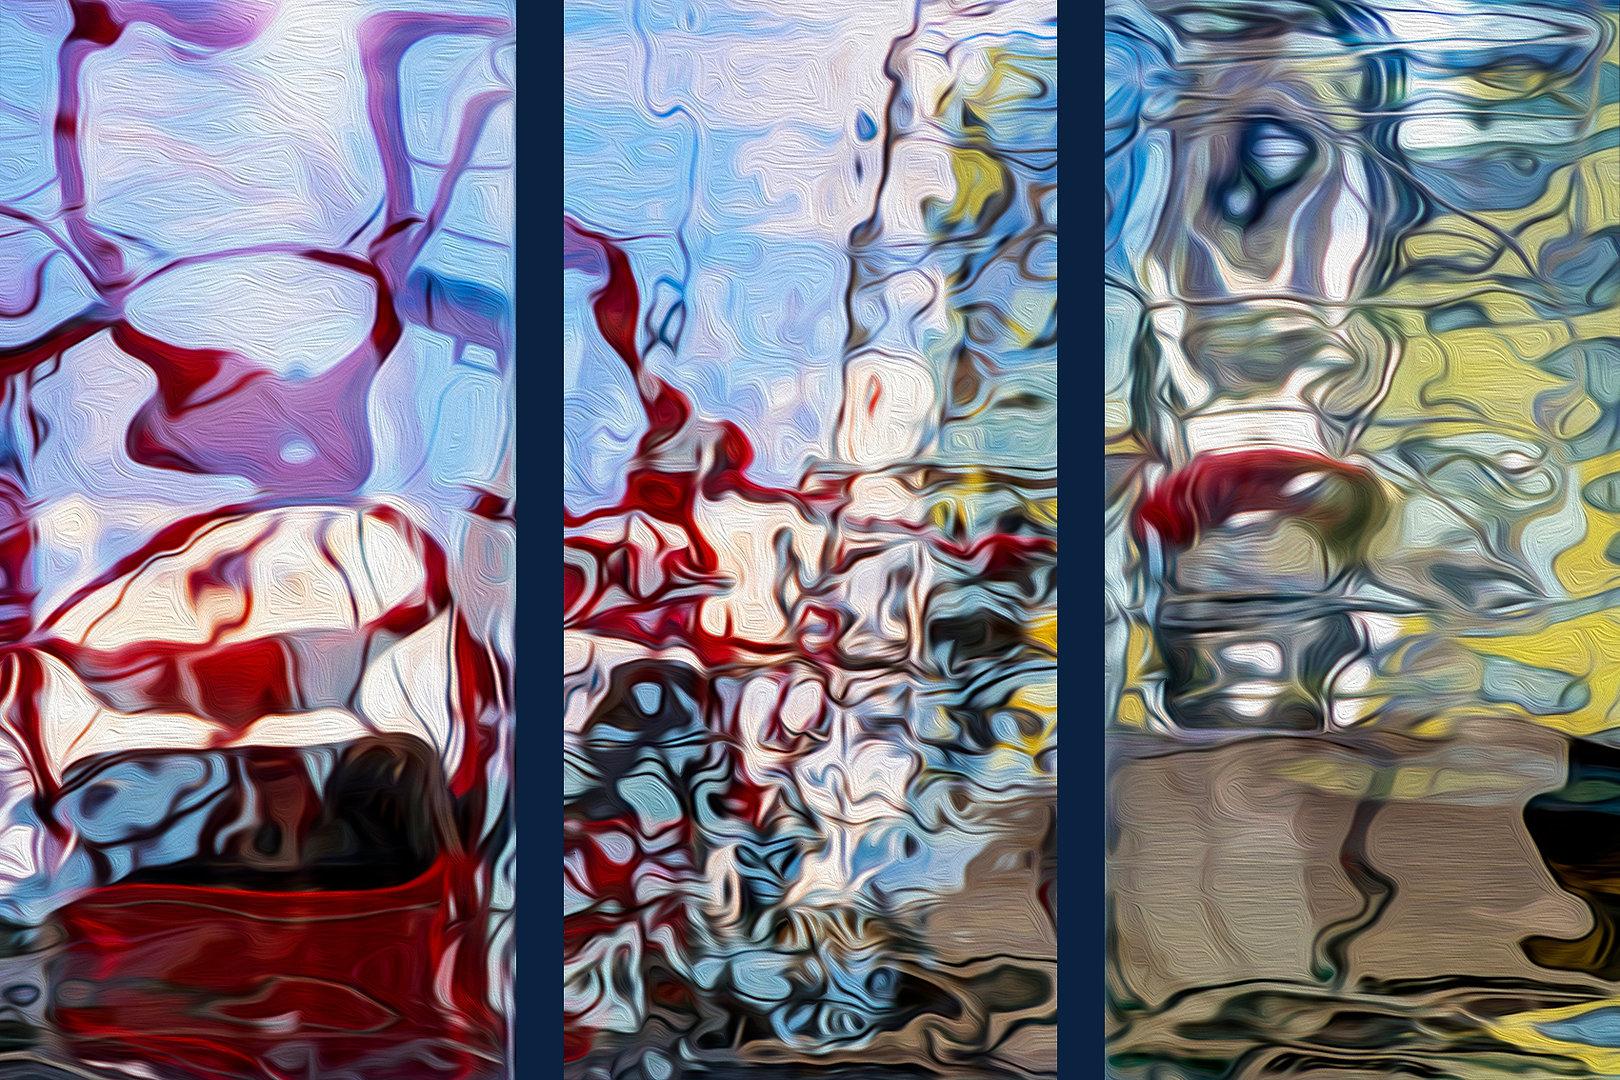 RÉFLEXION Nº 69 (triptyque)  Photographie d'art grand format par Denis Eugène Robert sur TRAGART